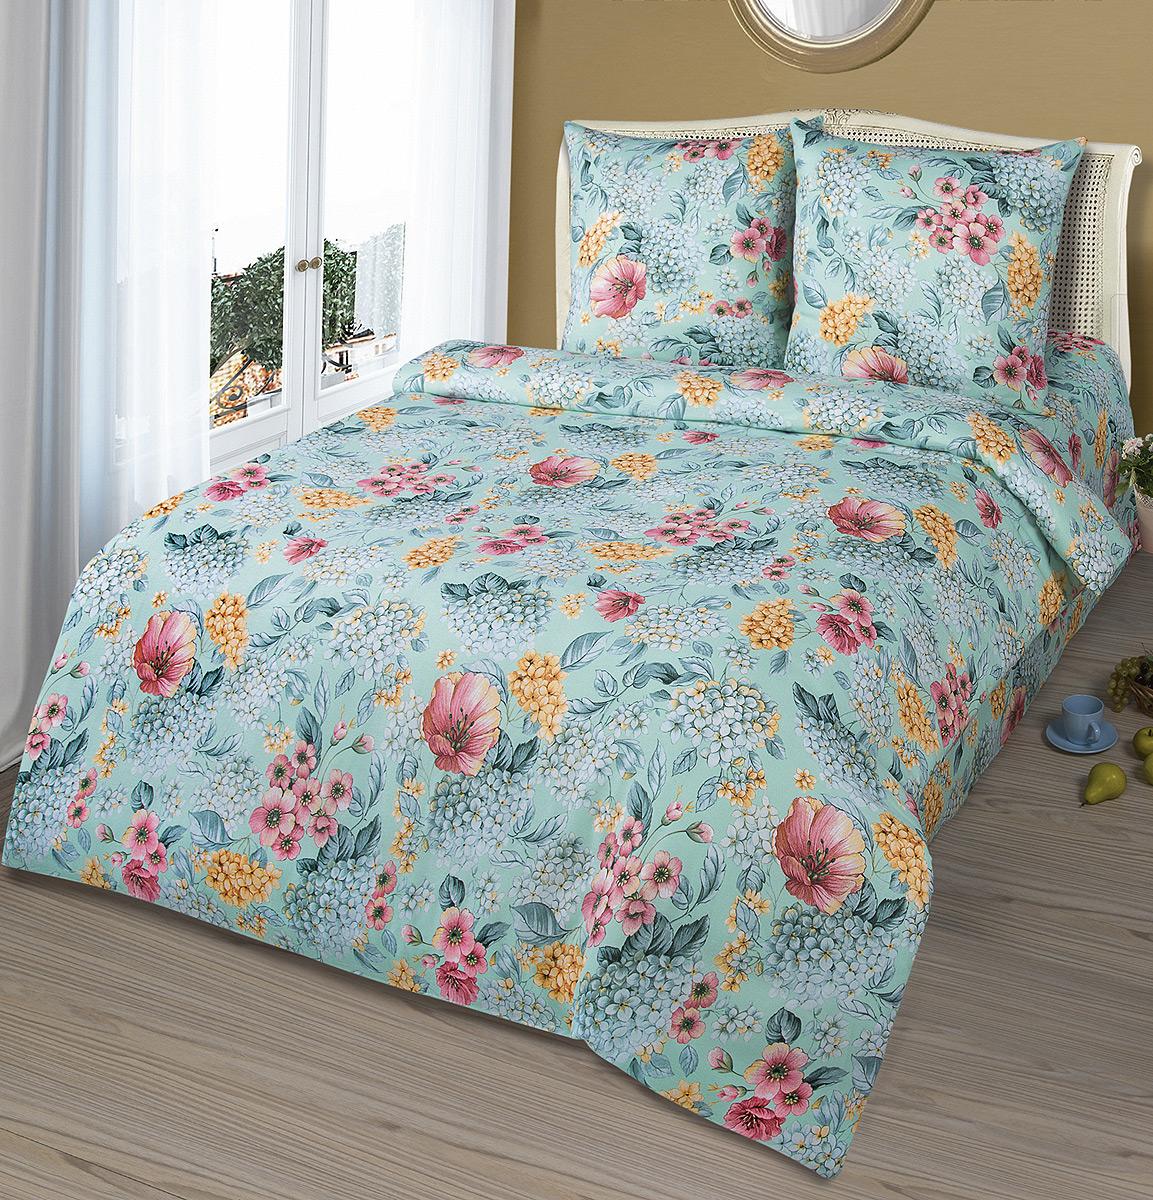 Комплект белья Шоколад Палермо, 1,5-спальный, наволочки 70x70. Б100Б100Комплект постельного белья Шоколад Палермо является экологически безопасным для всей семьи, так как выполнен из натурального хлопка. Комплект состоит из пододеяльника, простыни и двух наволочек. Постельное белье оформлено оригинальным рисунком и имеет изысканный внешний вид. Бязь - это ткань полотняного переплетения, изготовленная из экологически чистого и натурального 100% хлопка. Она прочная, мягкая, обладает низкой сминаемостью, легко стирается и хорошо гладится. Бязь прекрасно пропускает воздух и за ней легко ухаживать. При соблюдении рекомендуемых условий стирки, сушки и глажения ткань имеет усадку по ГОСТу, сохранятся яркость текстильных рисунков. Приобретая комплект постельного белья Шоколад Палермо, вы можете быть уверены в том, что покупка доставит вам и вашим близким удовольствие и подарит максимальный комфорт.